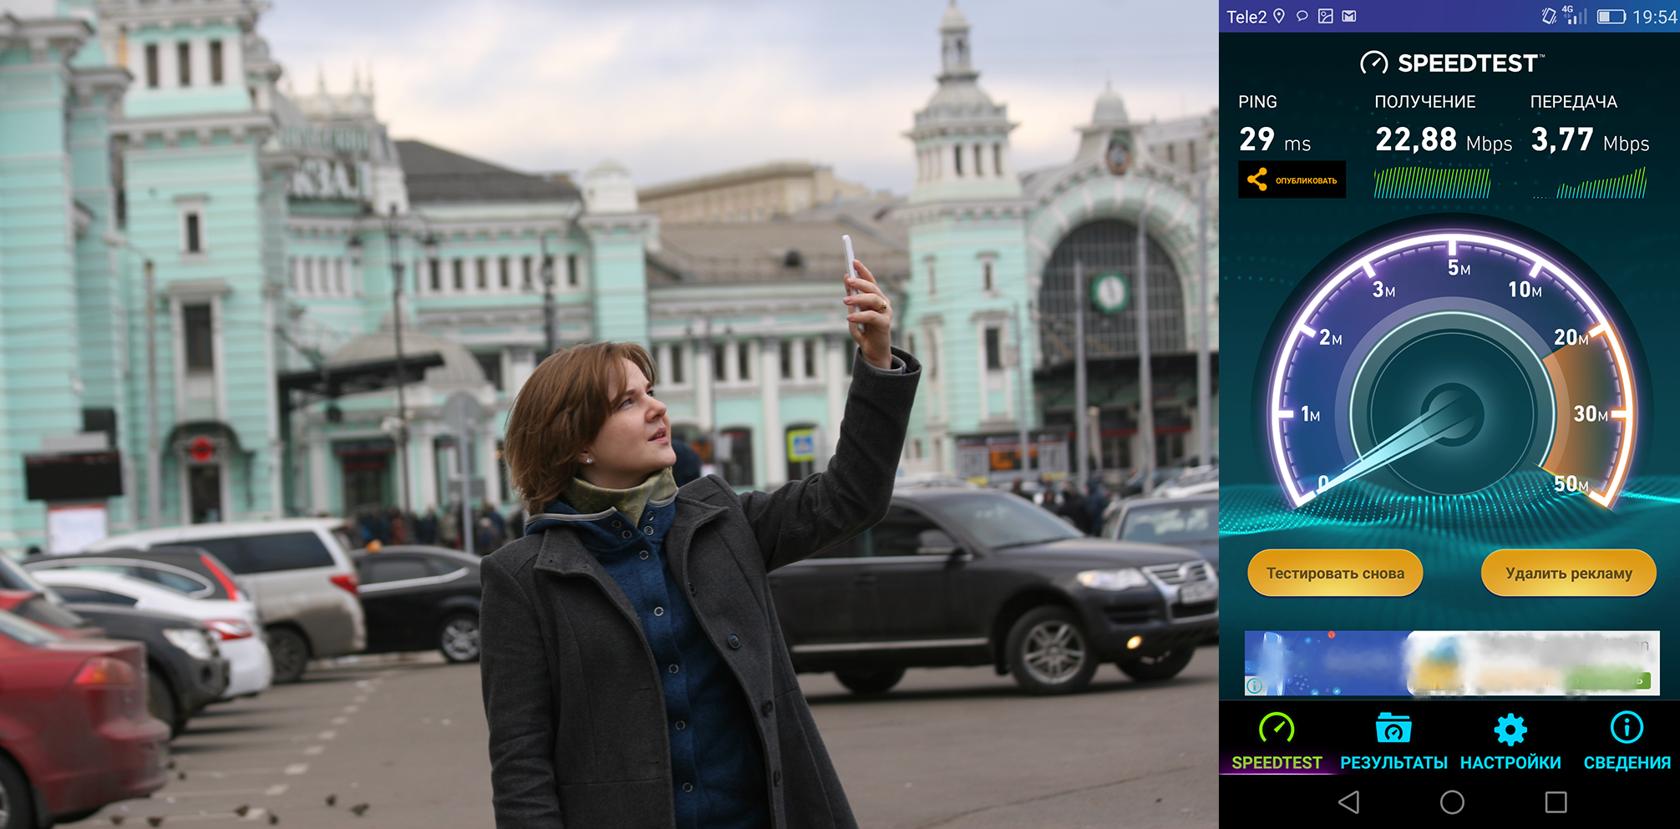 Tele2 в Москве: тестируем сеть нового оператора - 9